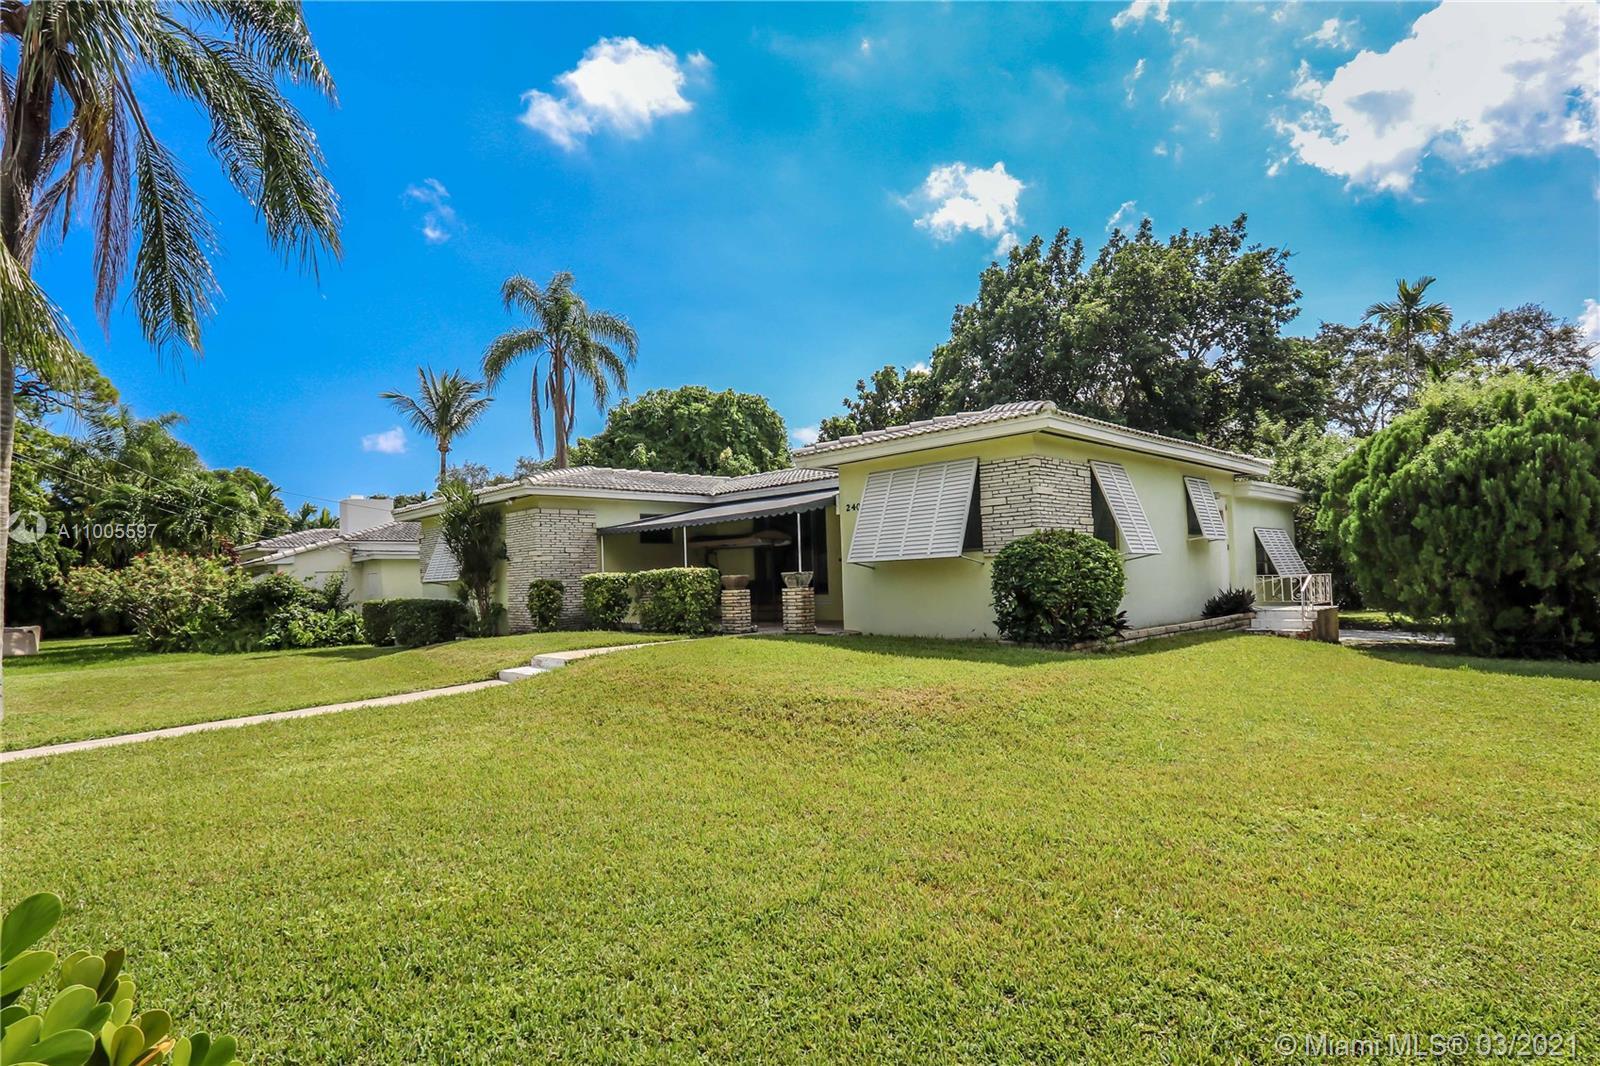 Miami Shores - 240 NE 107th St, Miami Shores, FL 33161